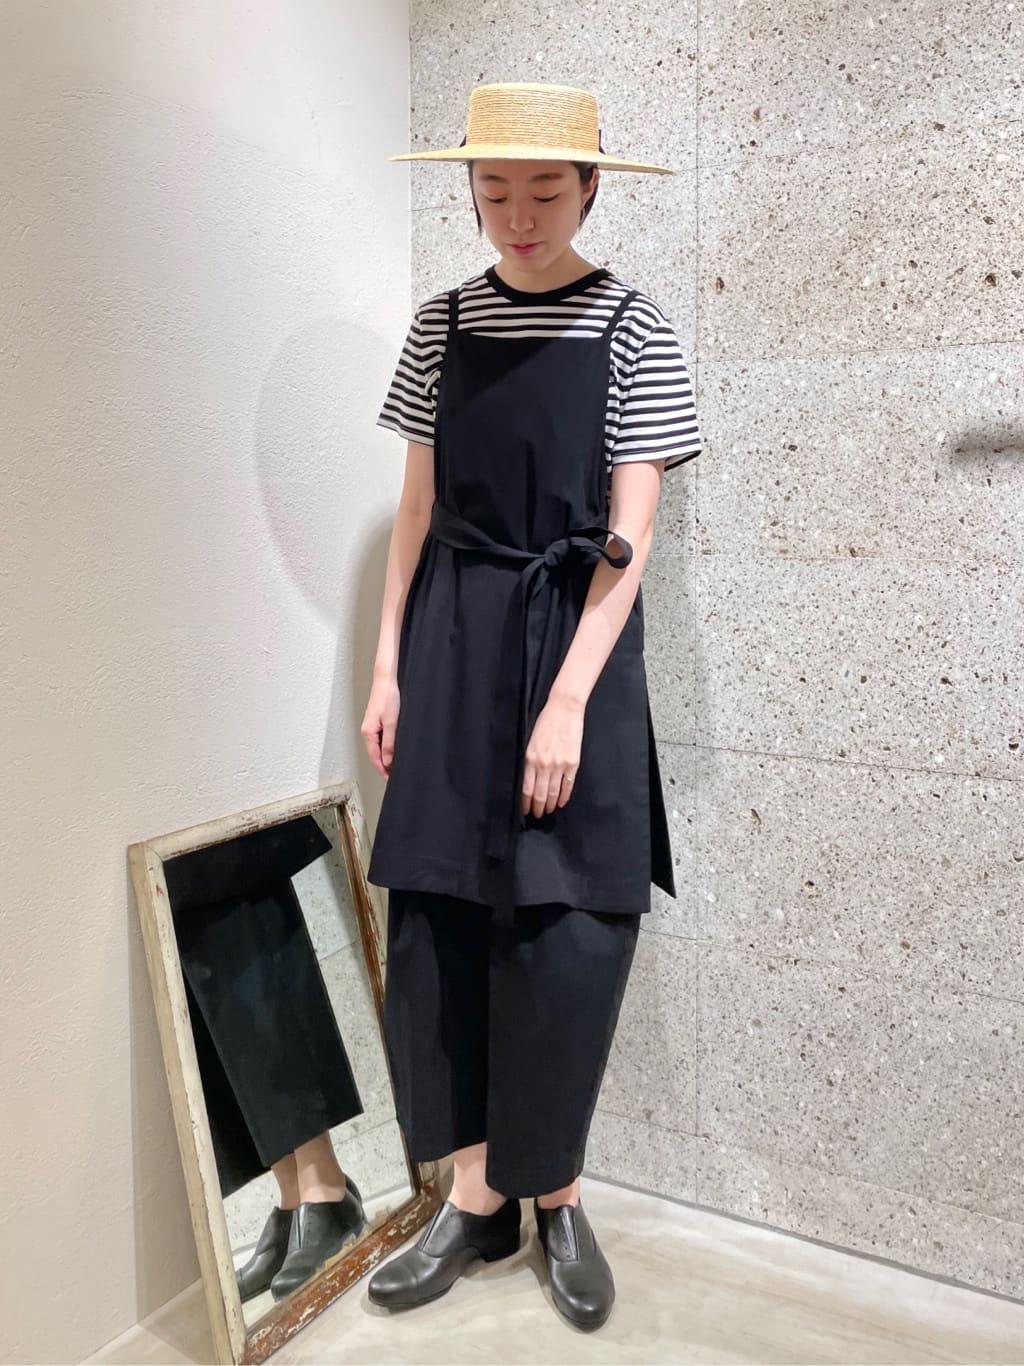 yuni ニュウマン横浜 身長:166cm 2021.09.02